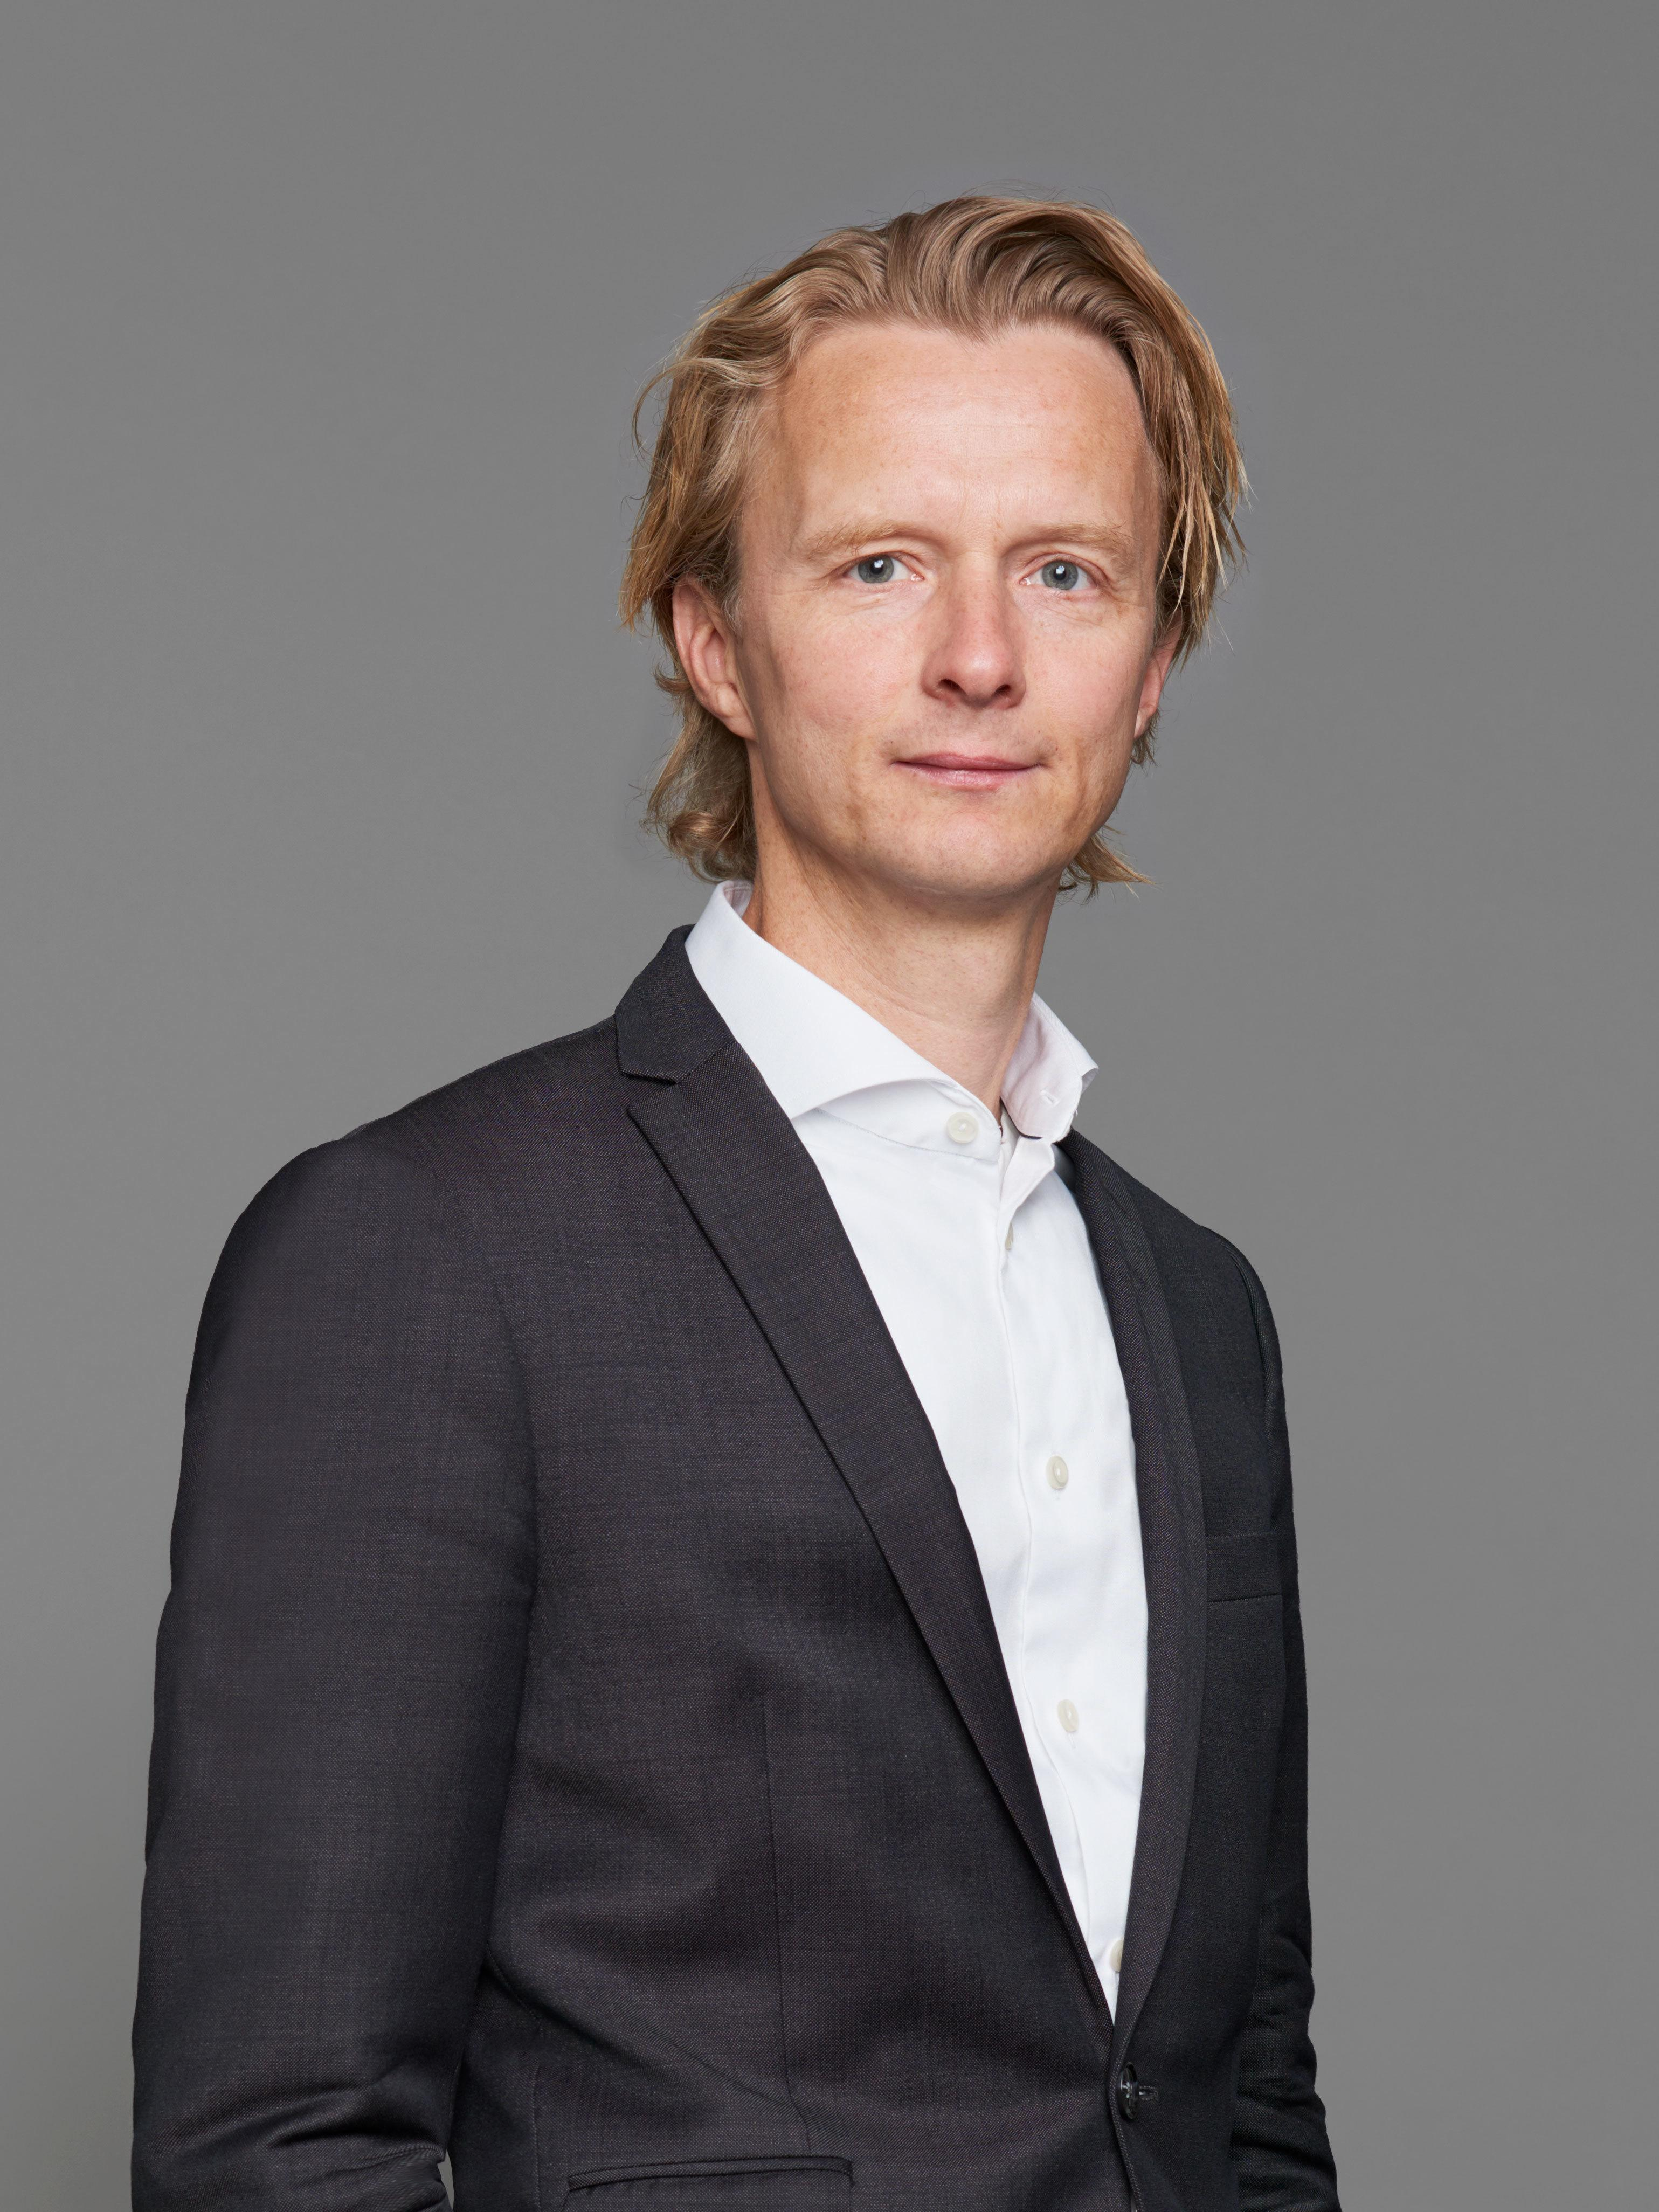 Øystein Flagstad, partner i advokatfirmaet Grette, uttalte seg på vegne av Rettighetsalliansen.